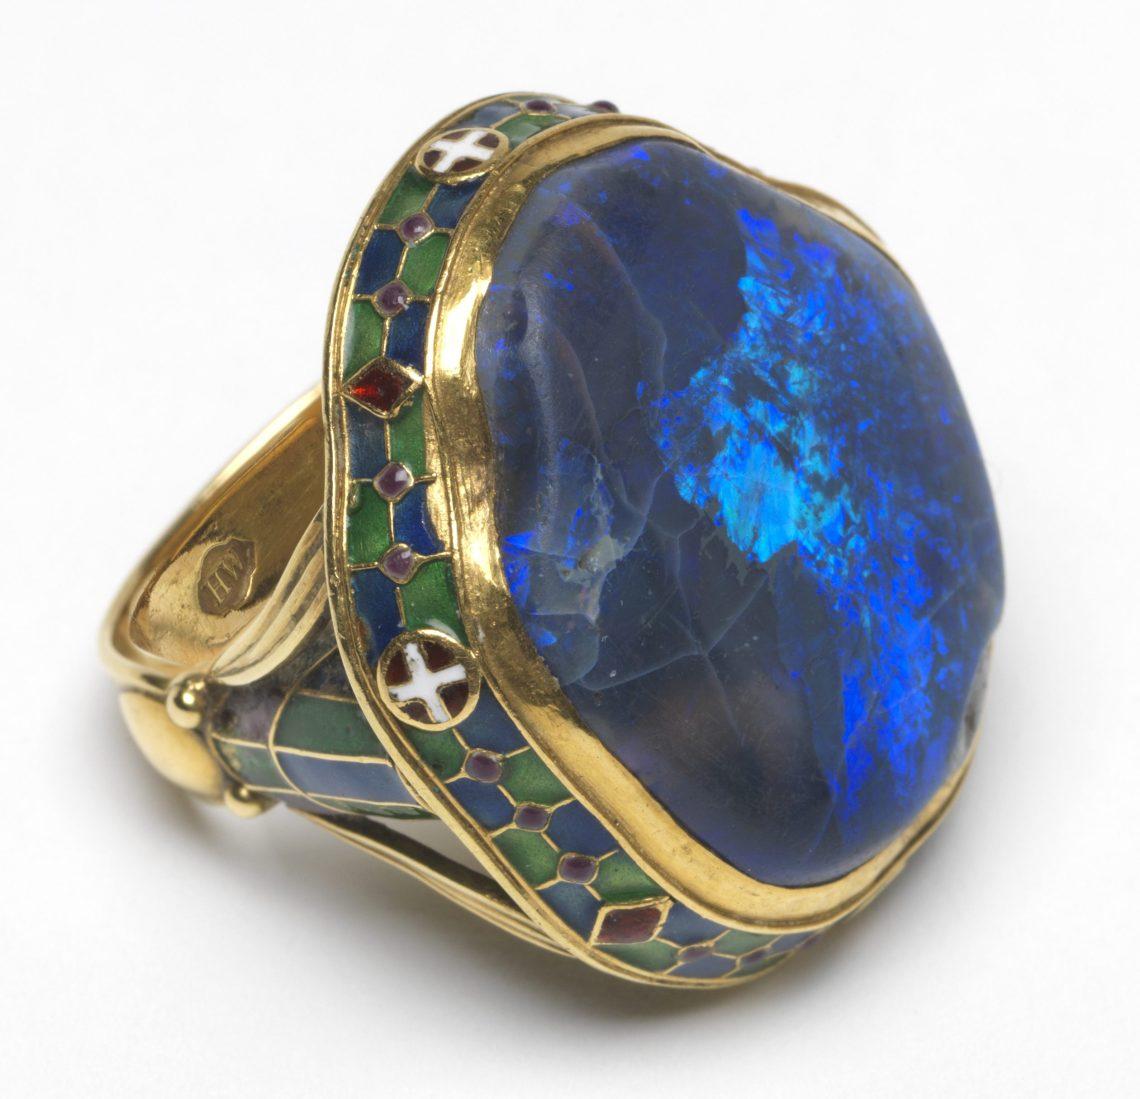 Henry Wilson, ring, 1900-1920. Foto met dank aan The Fitzwilliam Museum©